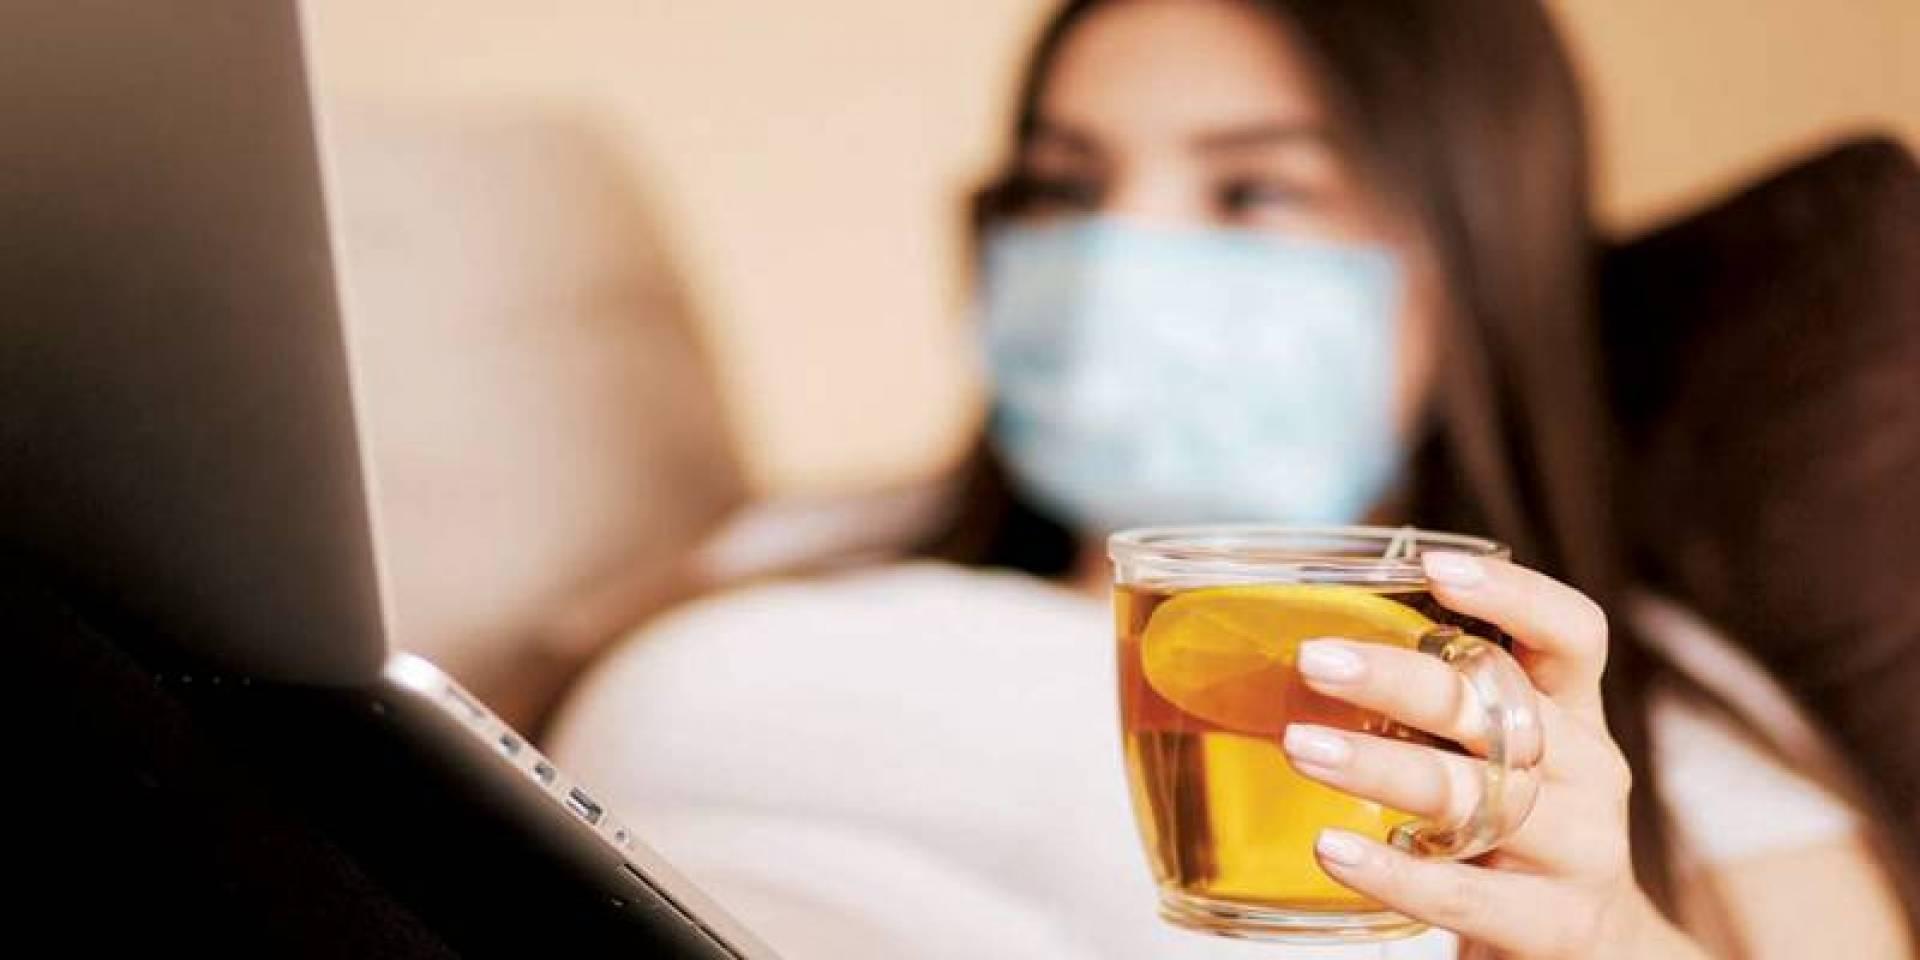 «ديلي ميل»: إياكم وكثرة شرب الشاي في أوقات الحظر!